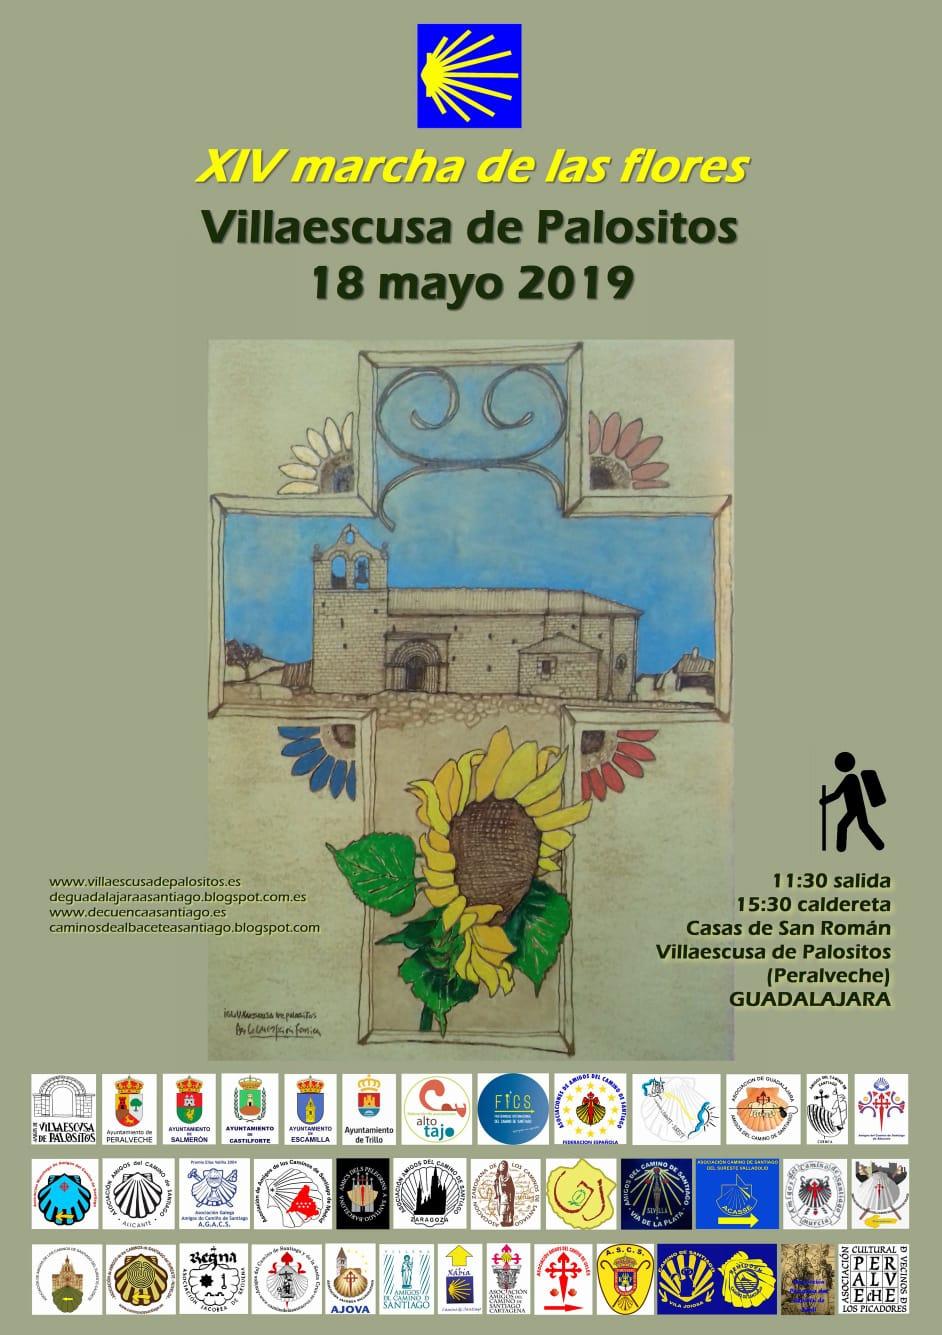 El próximo 18 de mayo Marcha a Villaescusa de Palositos